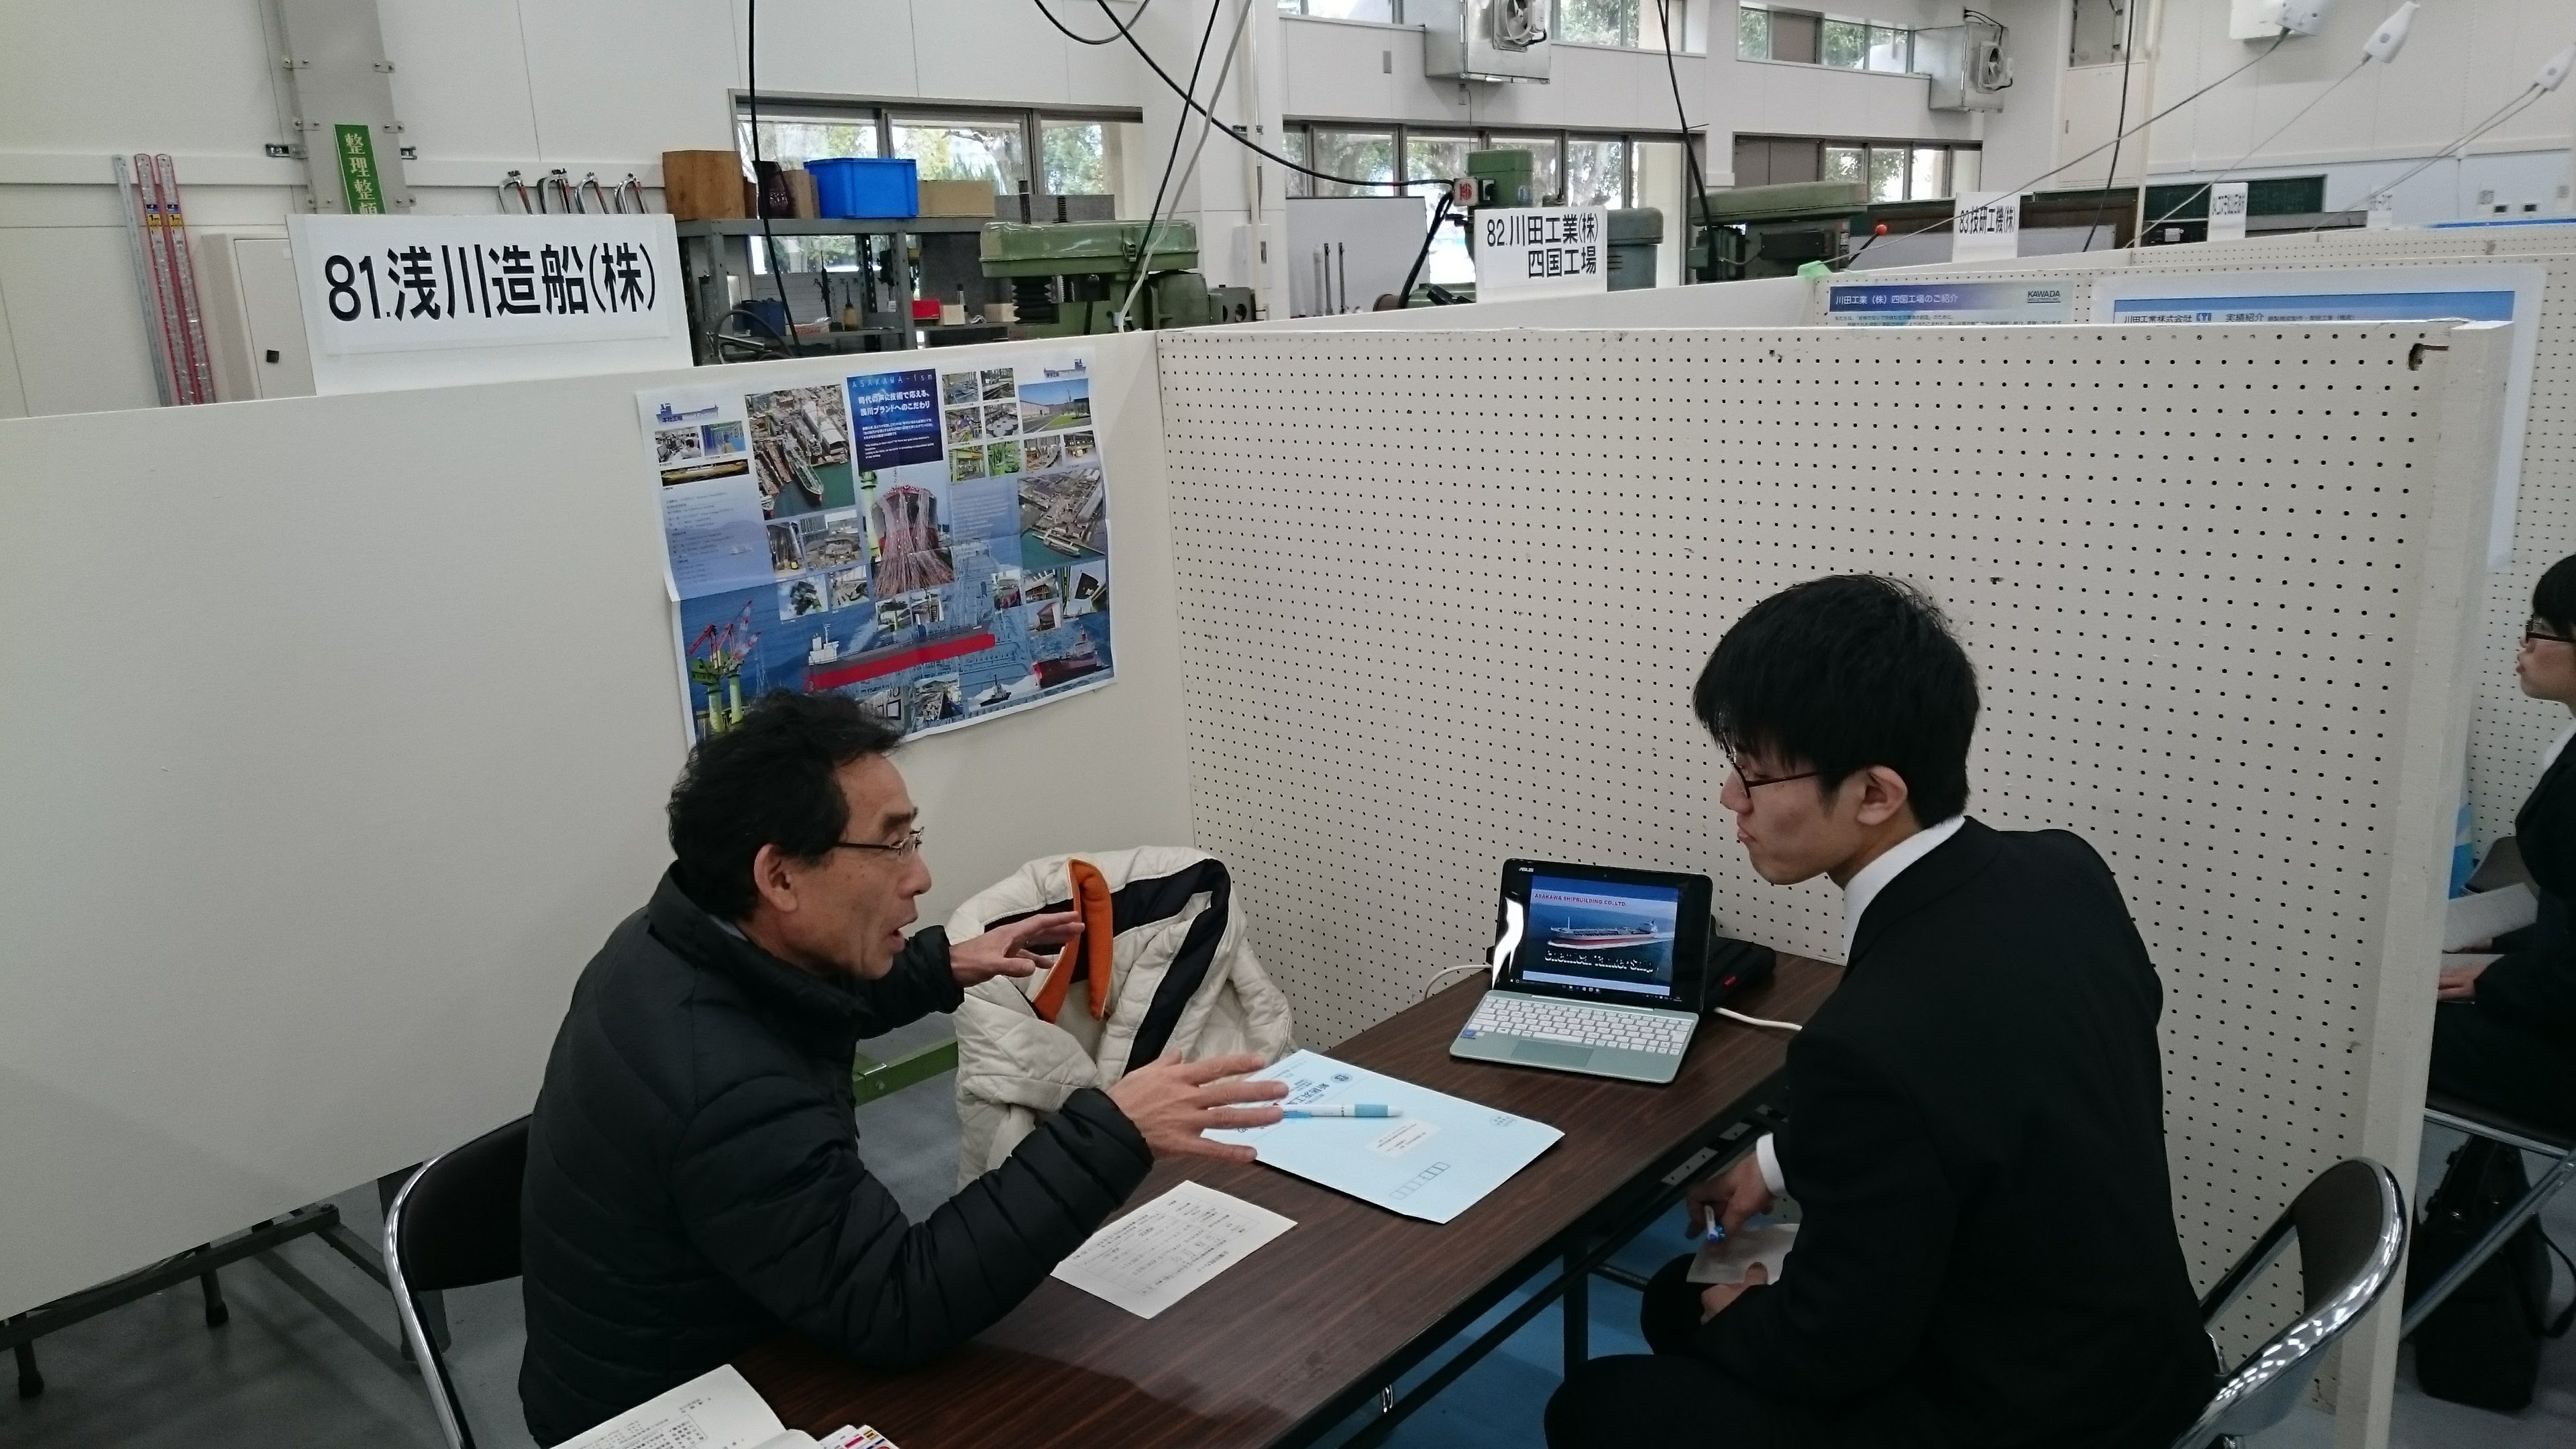 新居浜高専 合同企業説明会